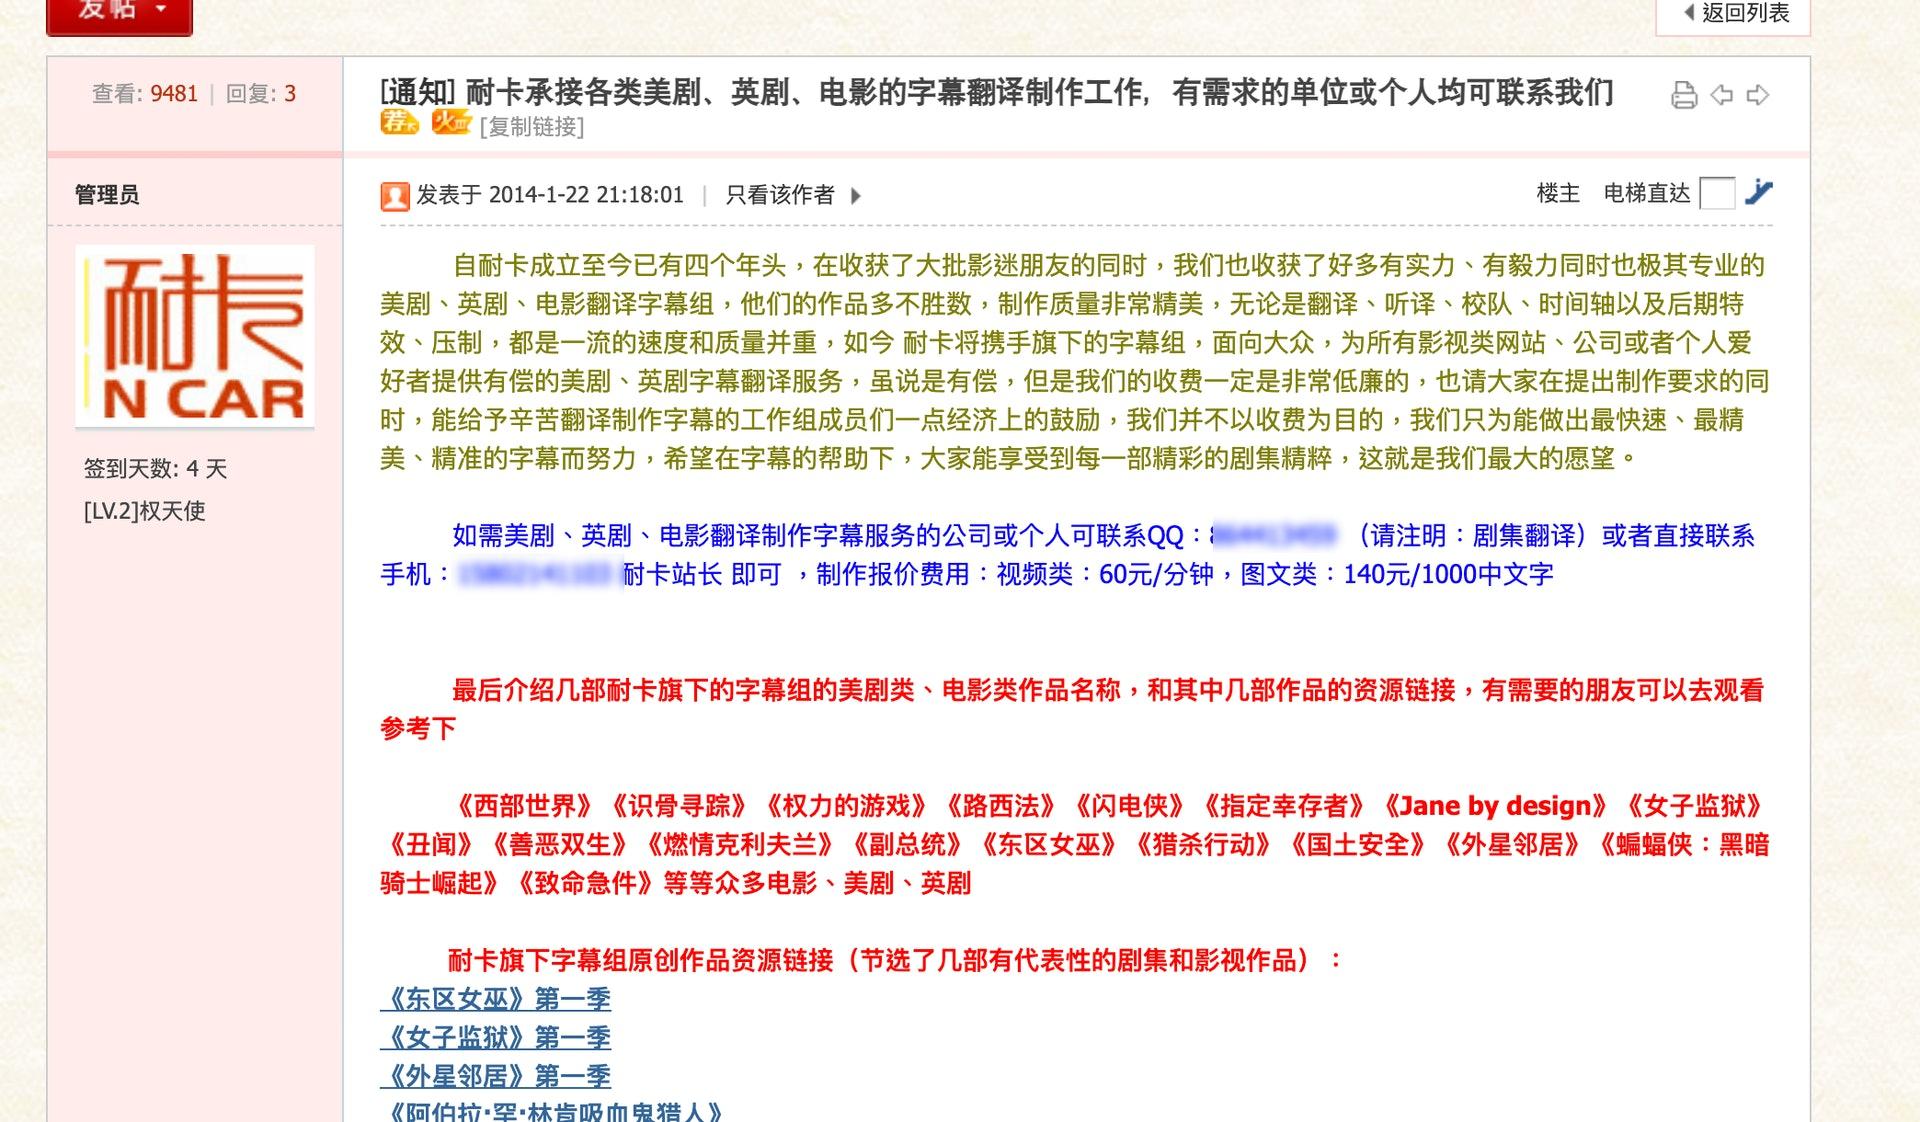 與人人影視一樣,耐卡也利用提供盜版資源打響的名氣,承接付費翻譯工作。(耐卡網站截圖)